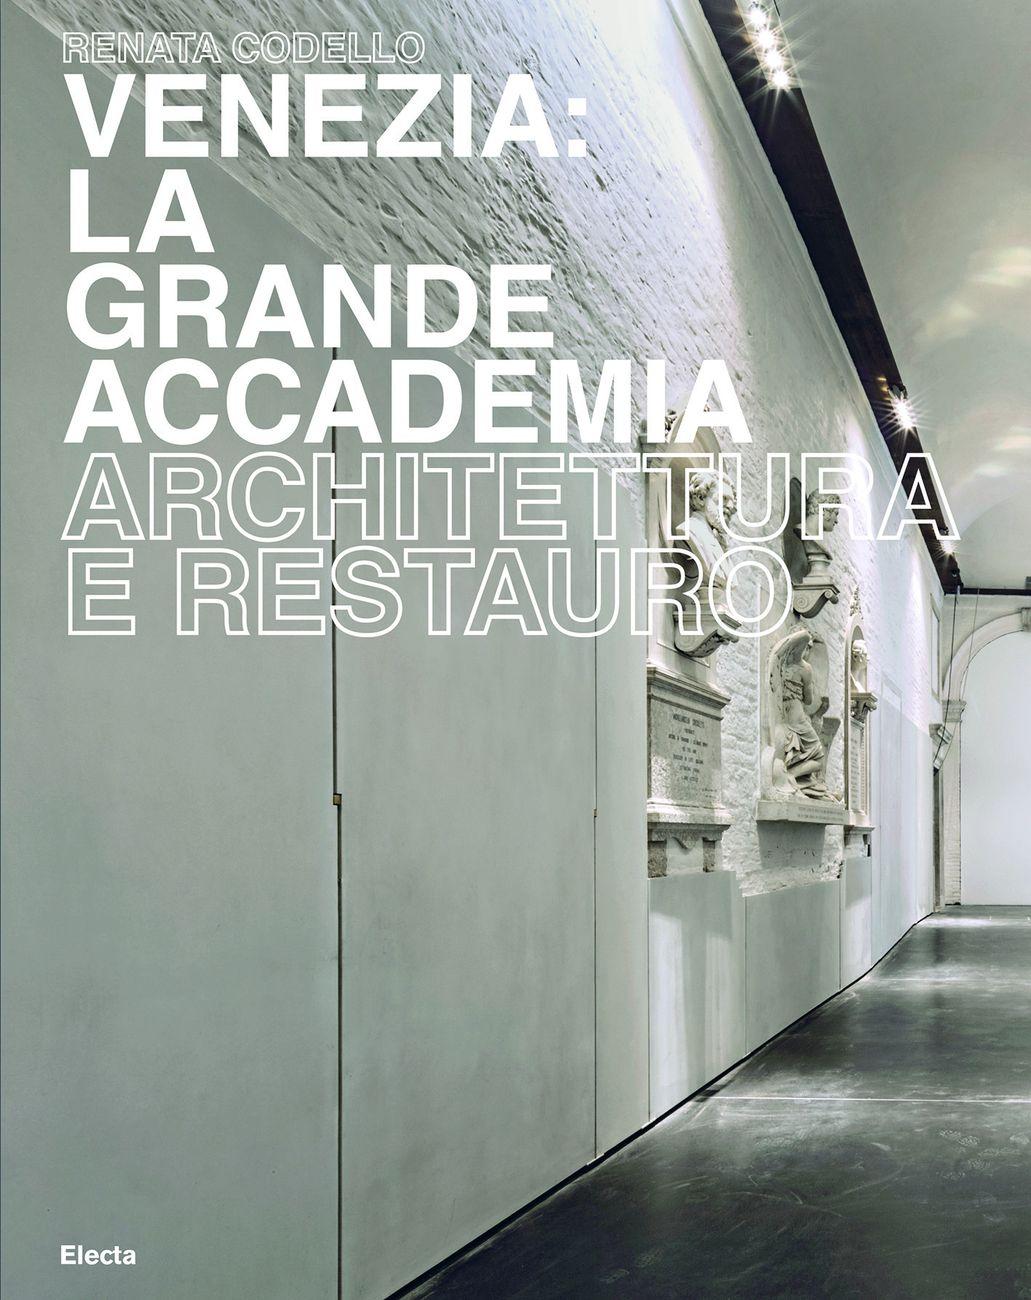 Renata Codello ‒ Venezia. La Grande Accademia. Architettura e restauro (Electa, Milano 2017)